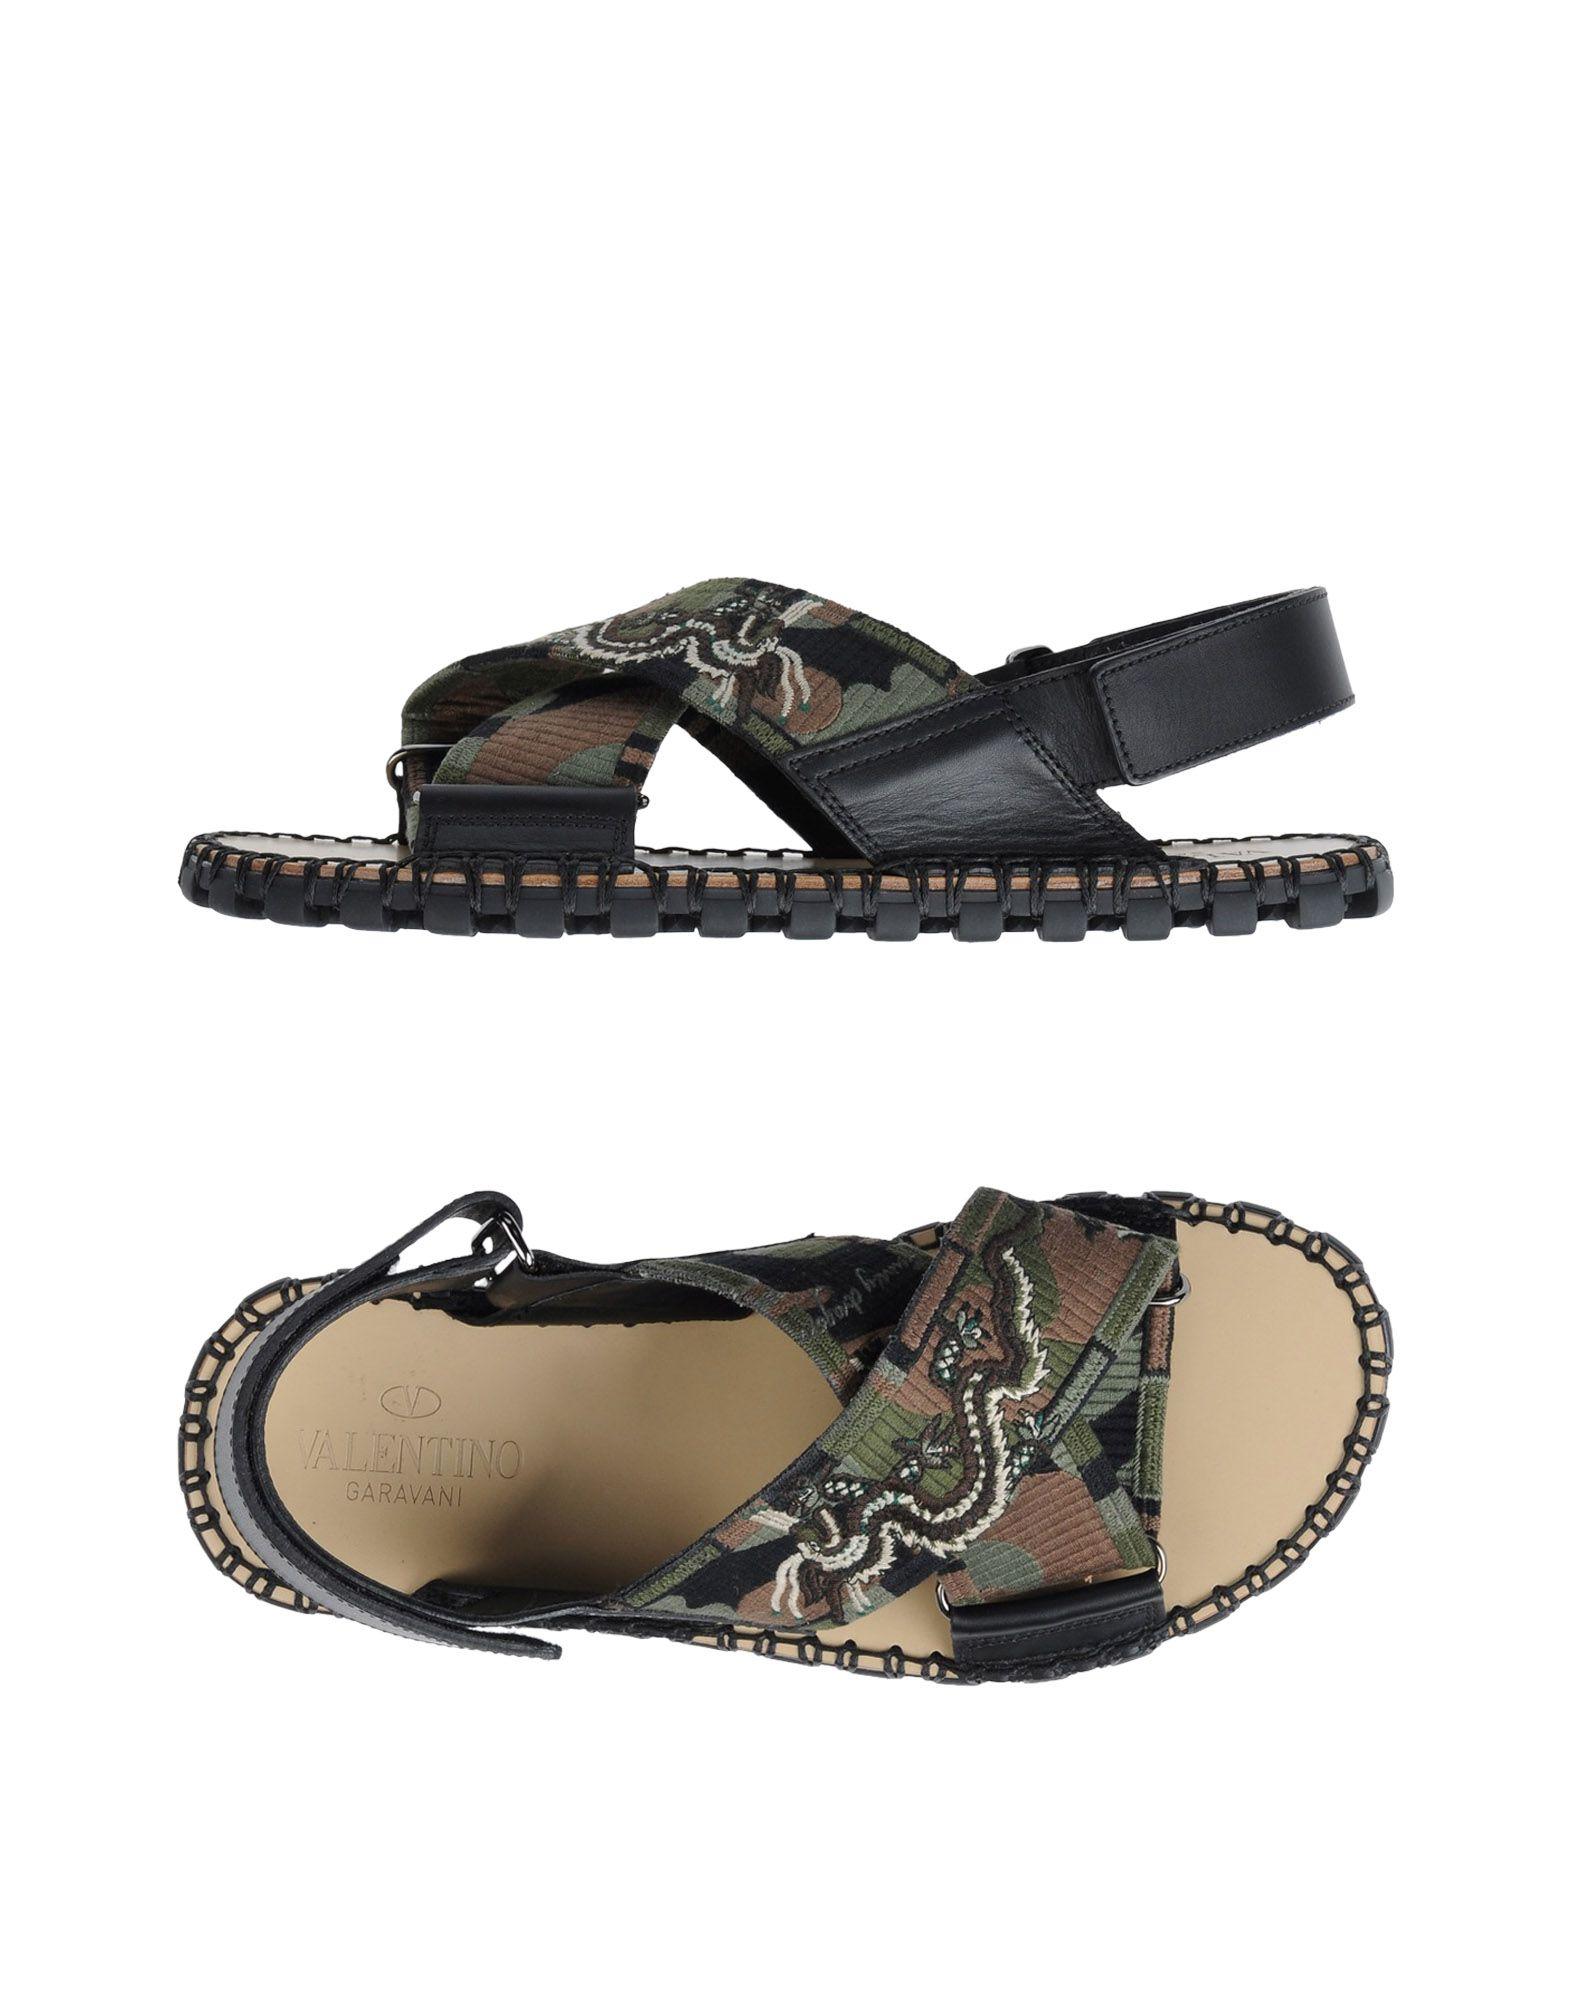 VALENTINO GARAVANI Herren Sandale Farbe Militärgrün Größe 13